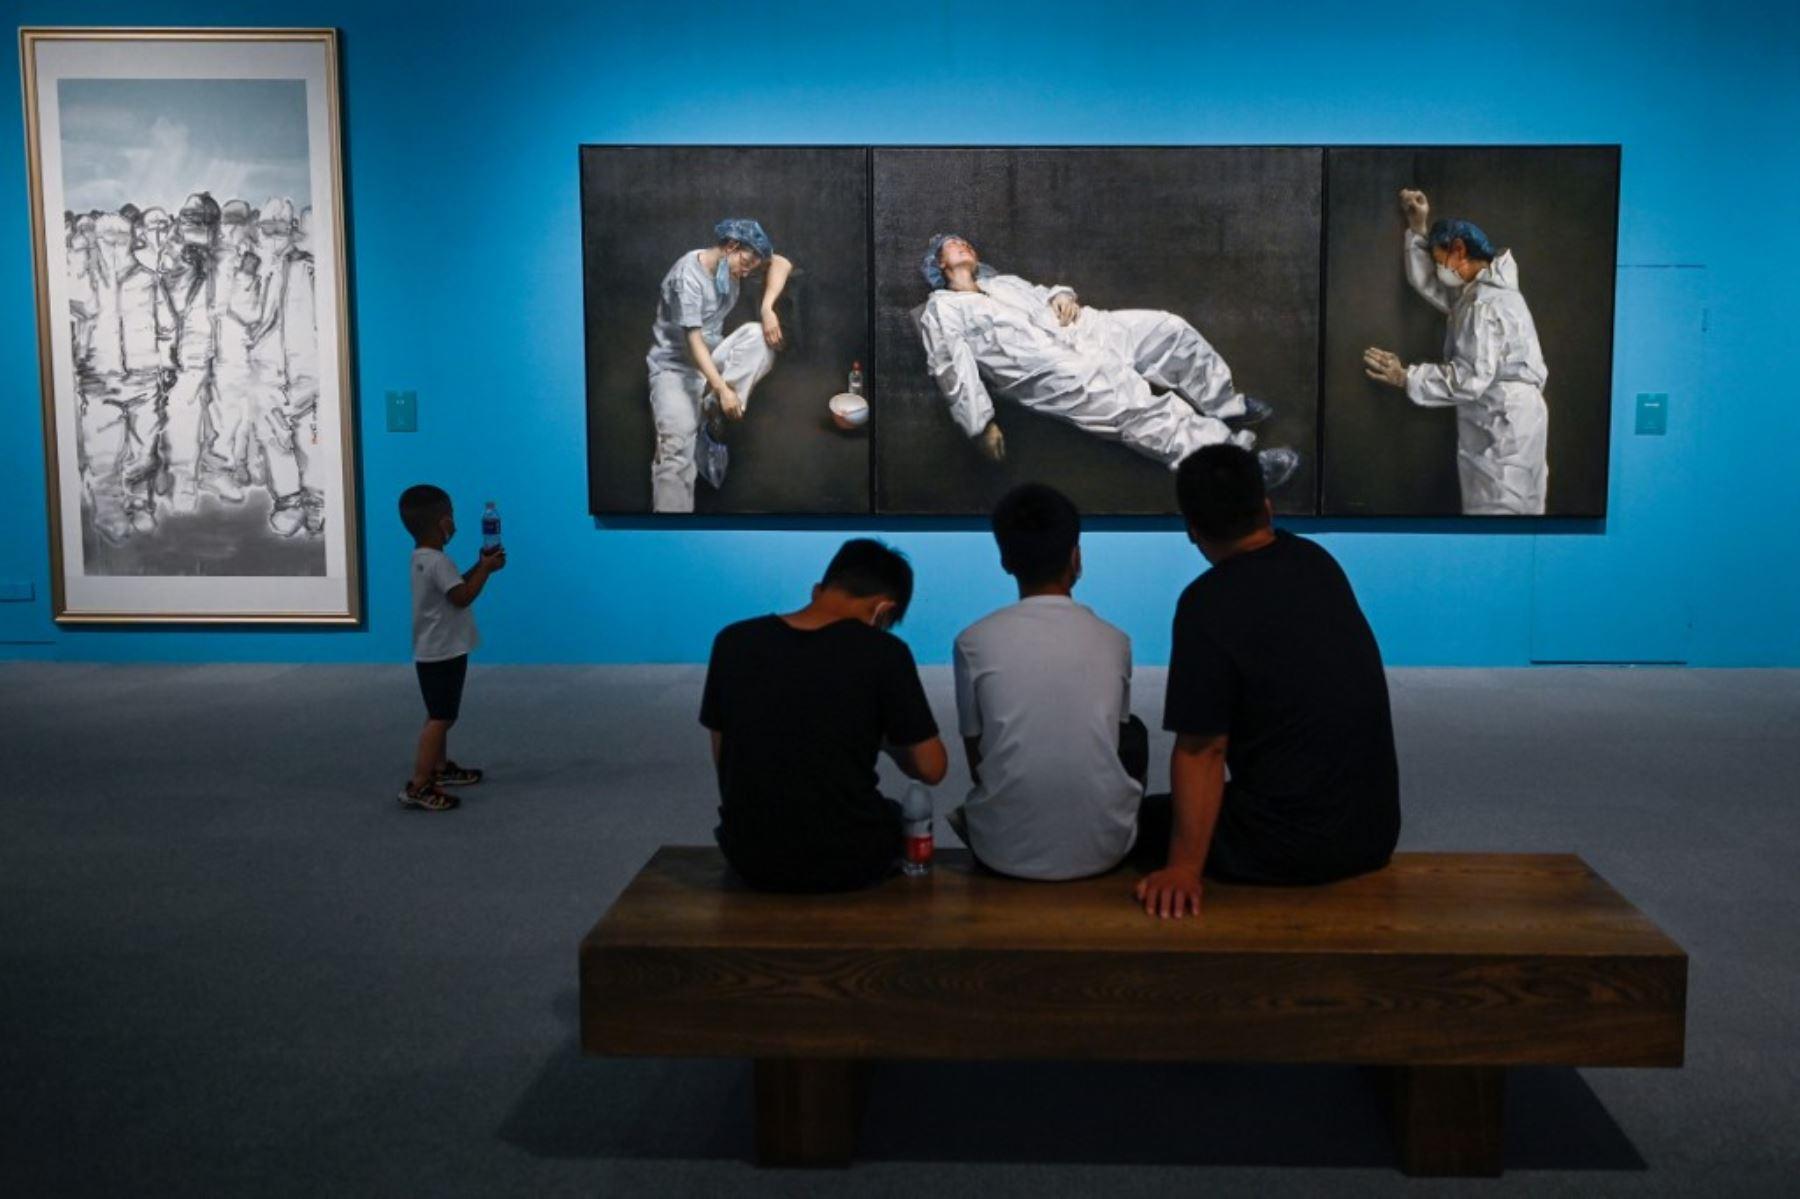 """La gente visita la exposición de arte """"La unidad es la fuerza: una exposición de arte sobre la lucha contra covid-19""""en el  Museo Nacional de China en Beijing. Foto: AFP"""